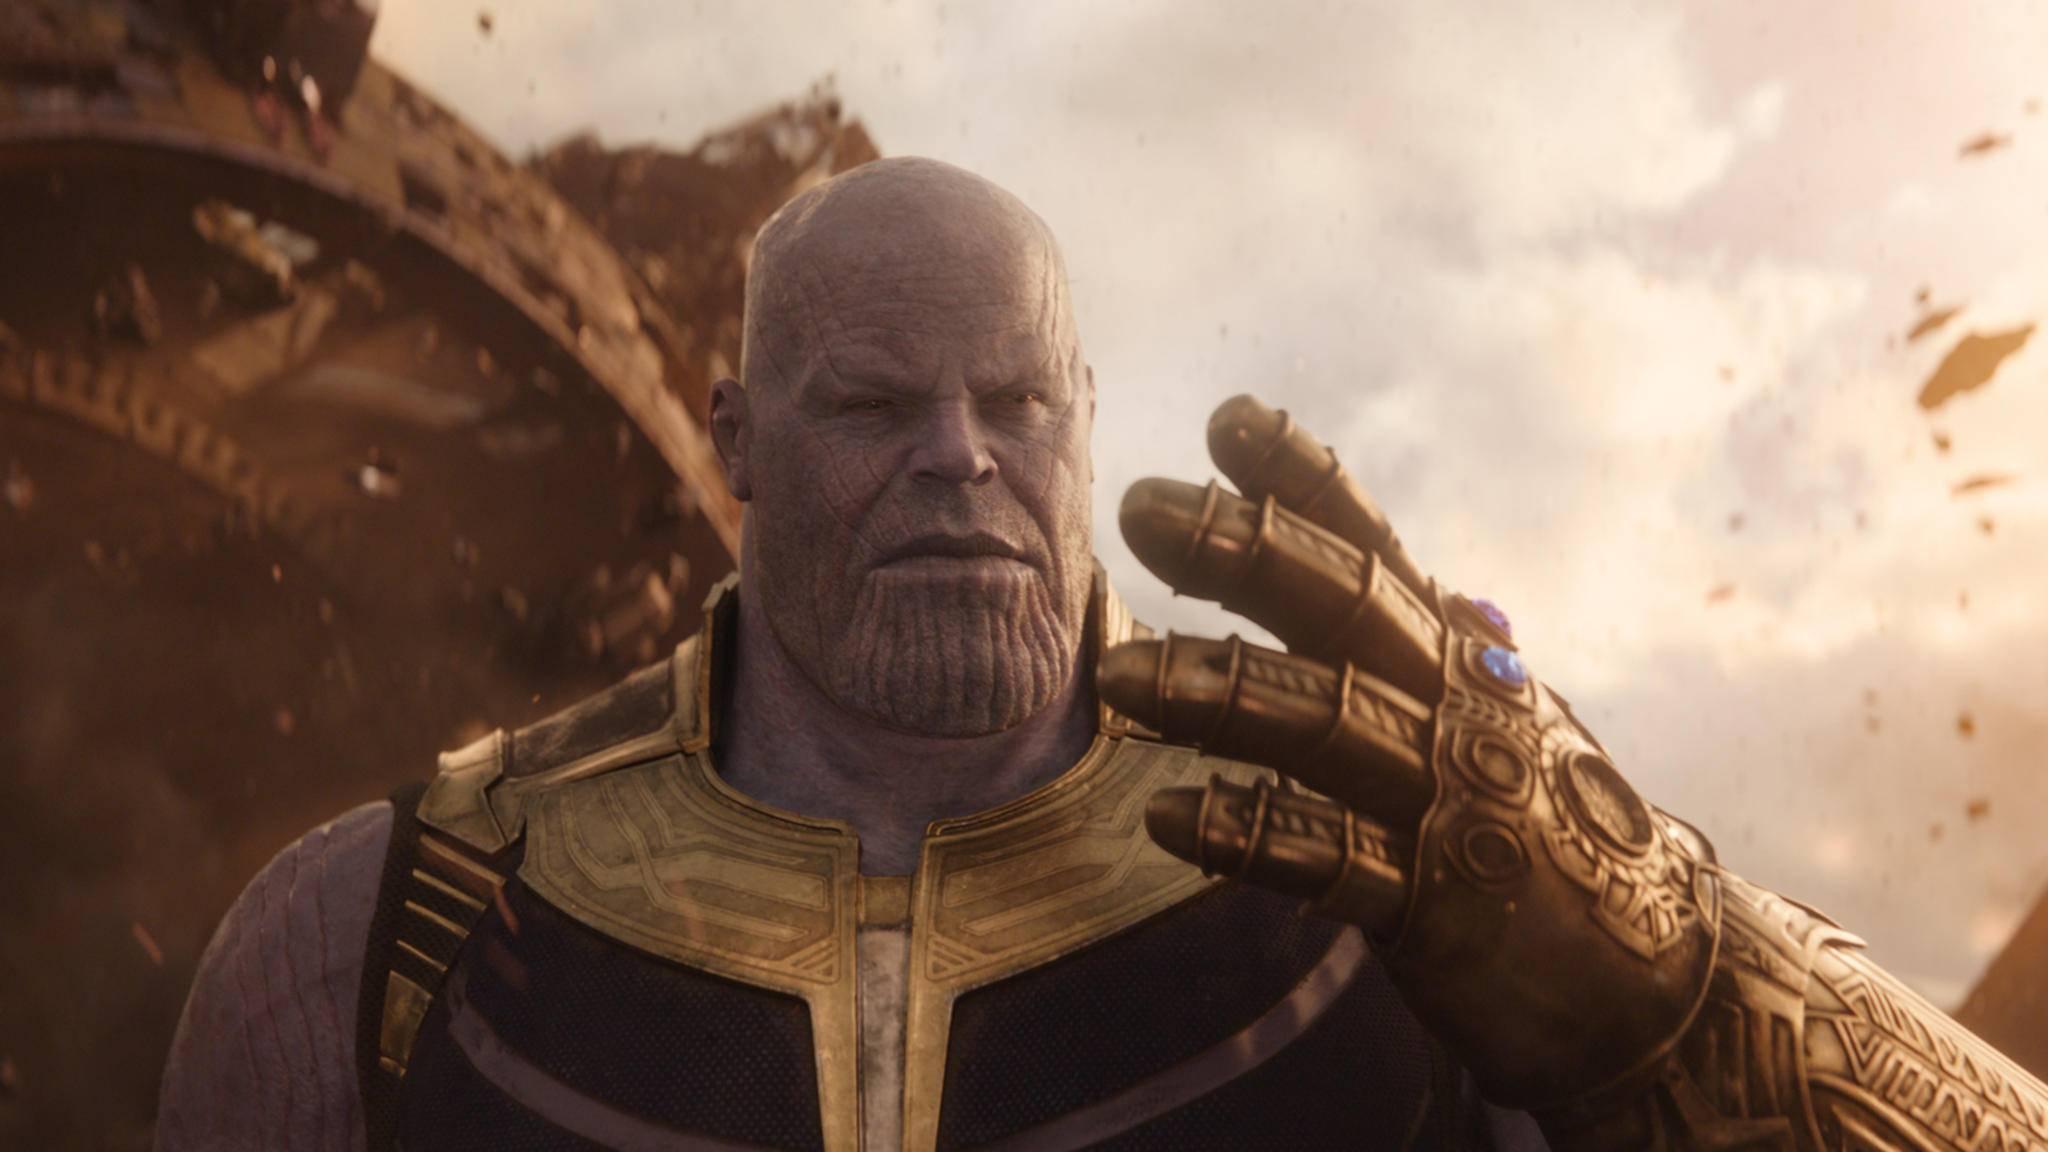 Forscher erklärt: So sähe die Welt aus, wenn Thanos' Snap real wäre